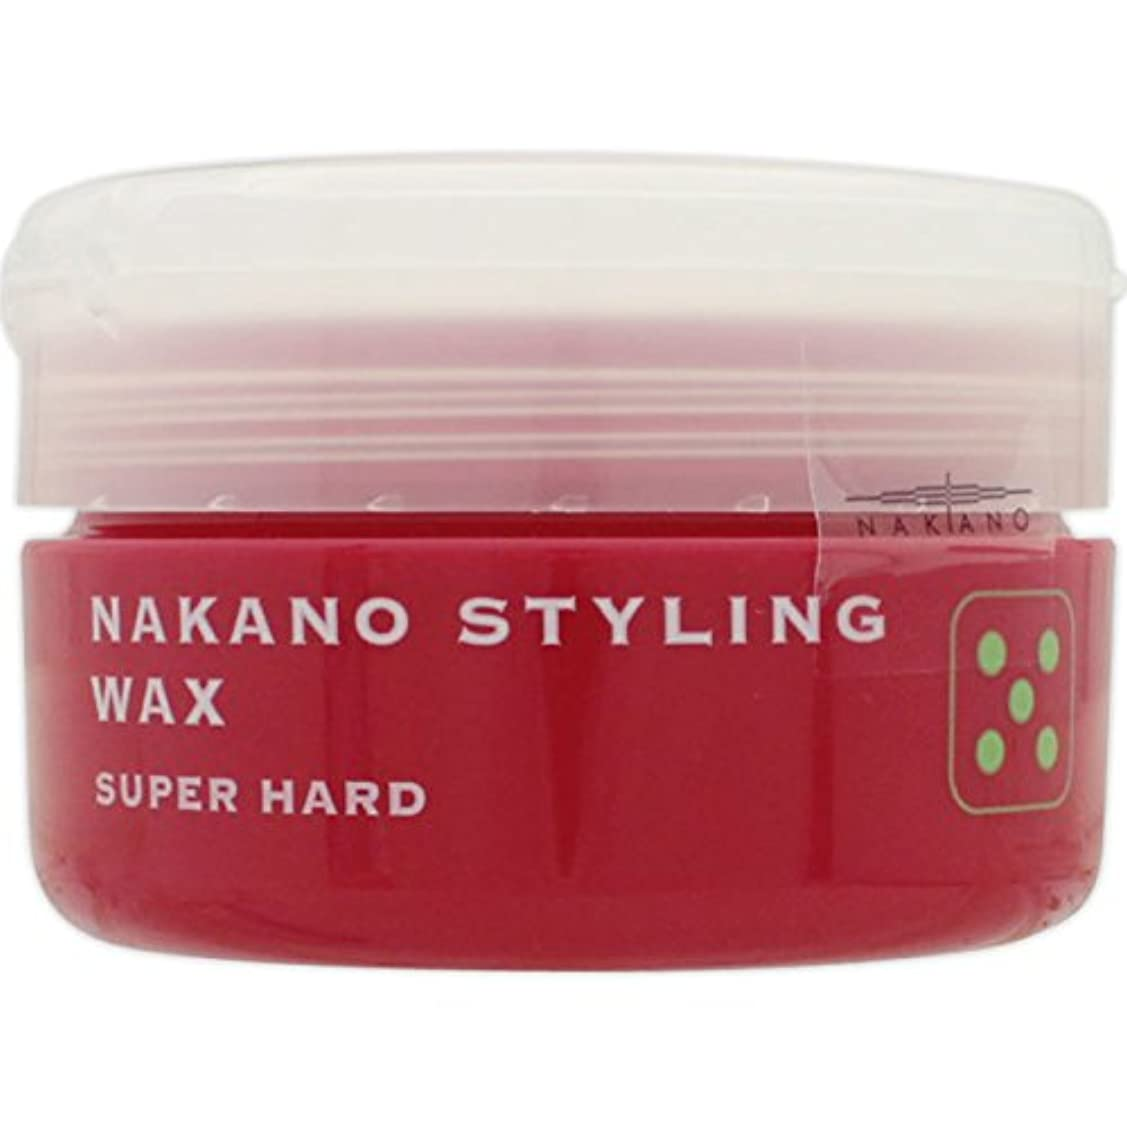 思想進行中巨大ナカノ スタイリング ワックス 5 スーパーハード 90g